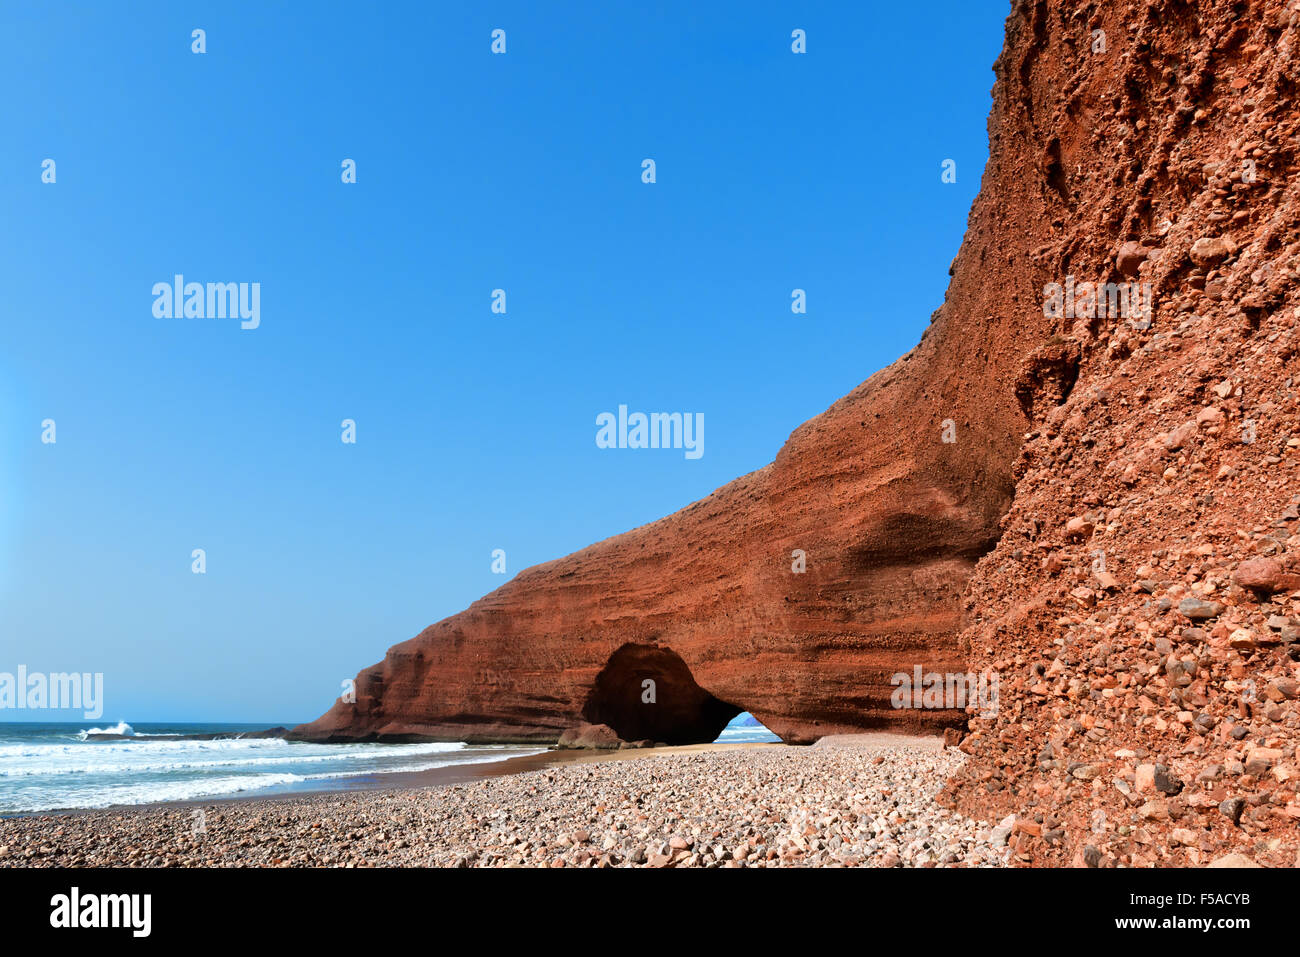 Natural mar-desgastado arcos de roca contra el cielo azul claro en la playa de Legzira, Marruecos. Imagen De Stock